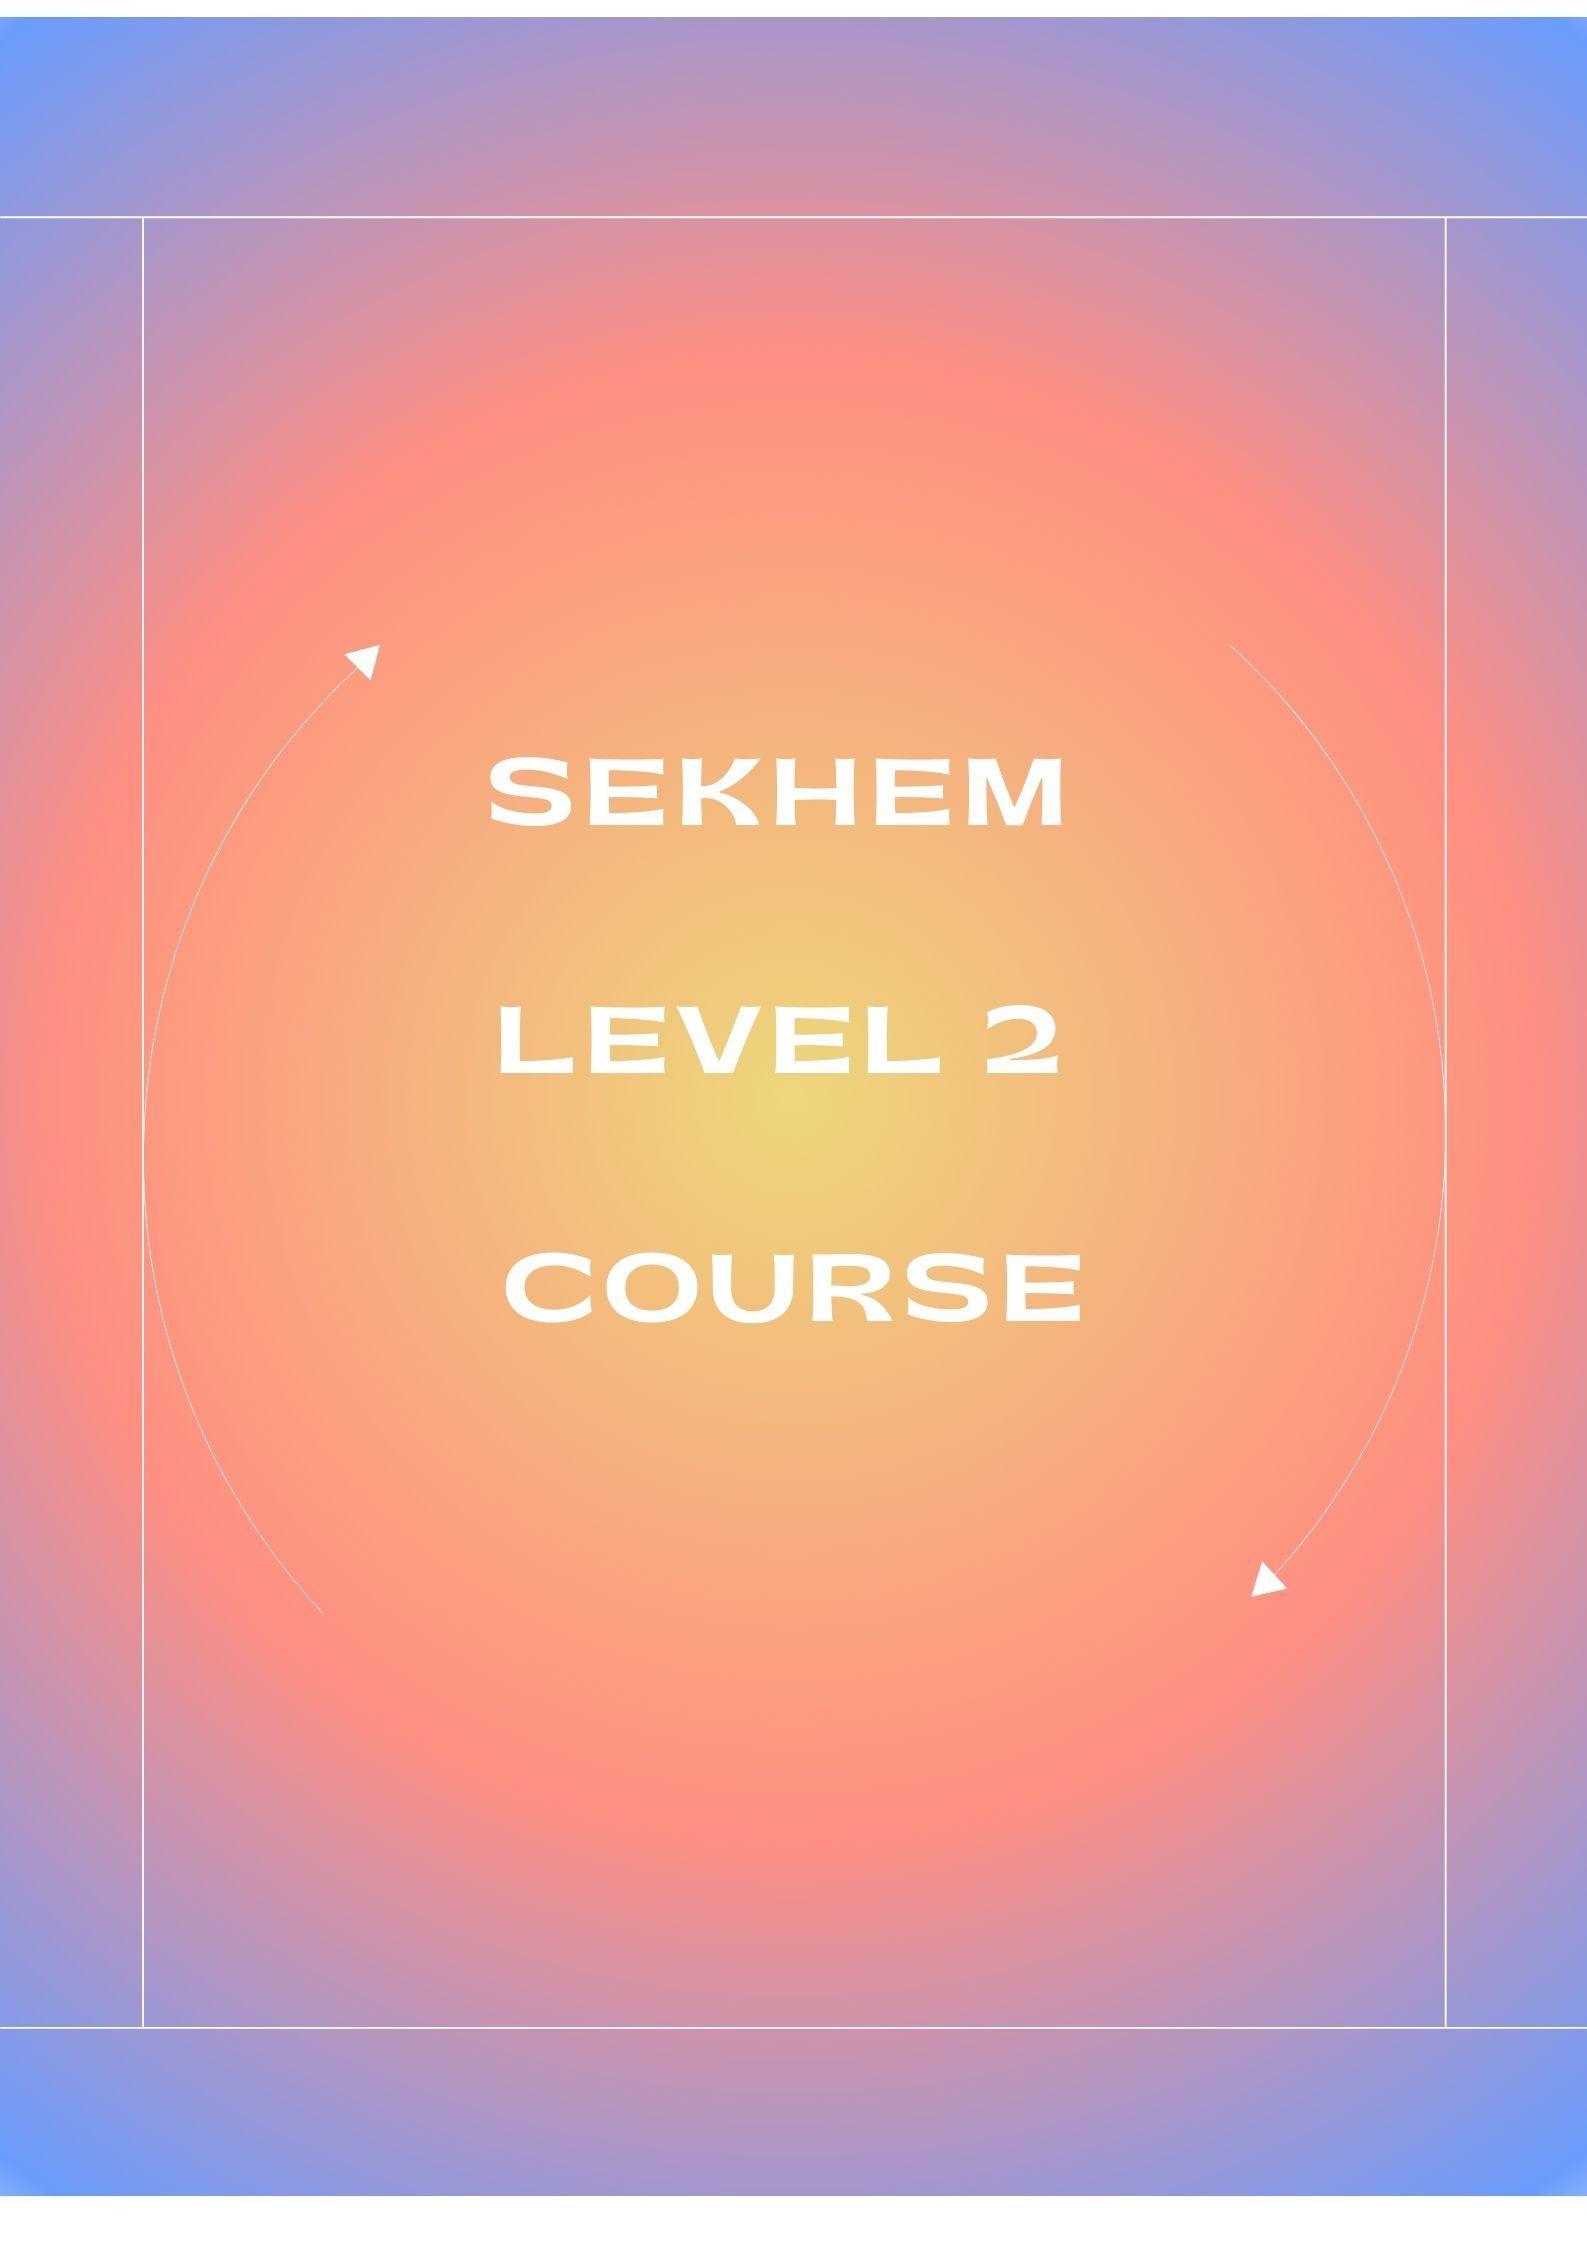 Sekhem Level 2 Training & Initiation